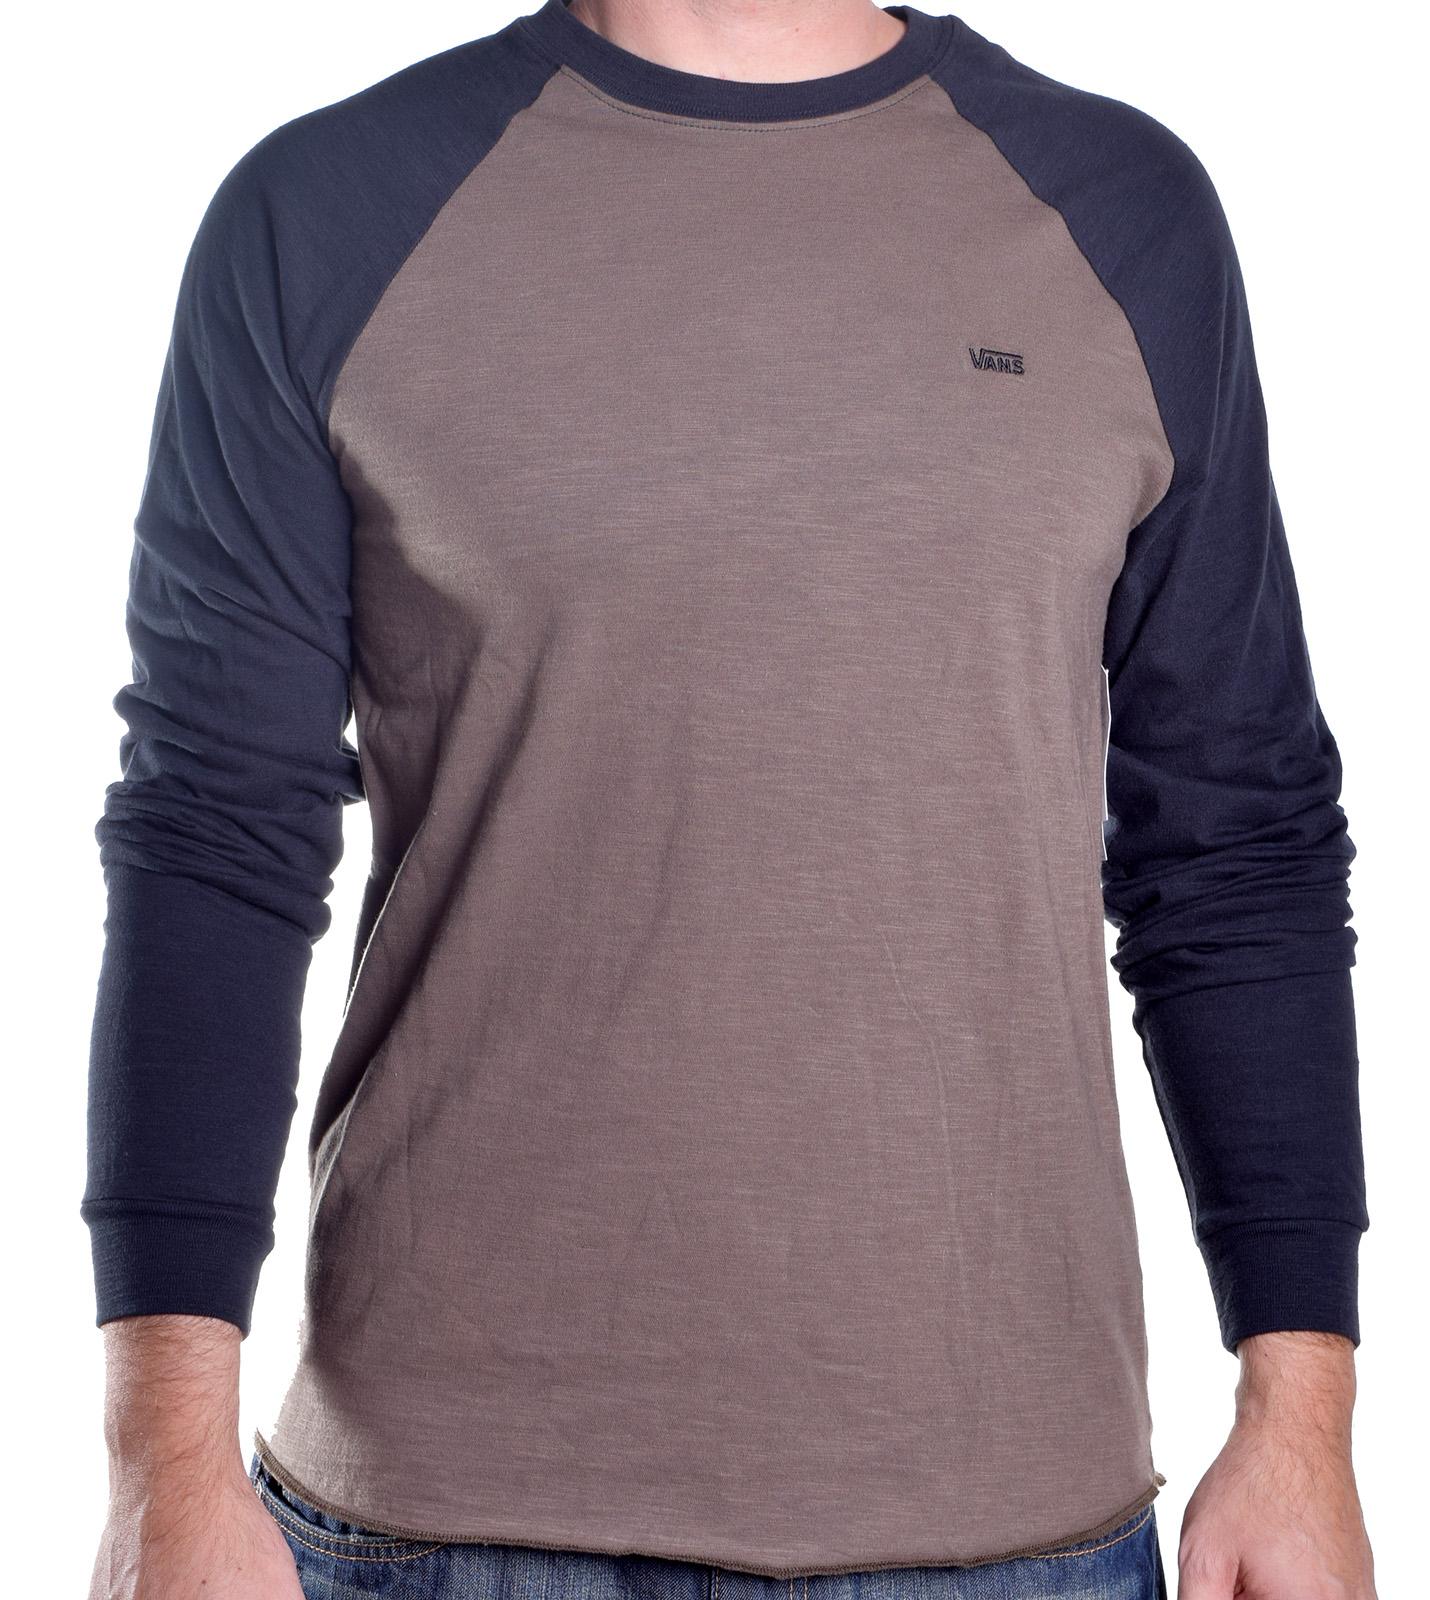 Vans Men 39 S Strike Out Raglan Tee Shirt Ebay